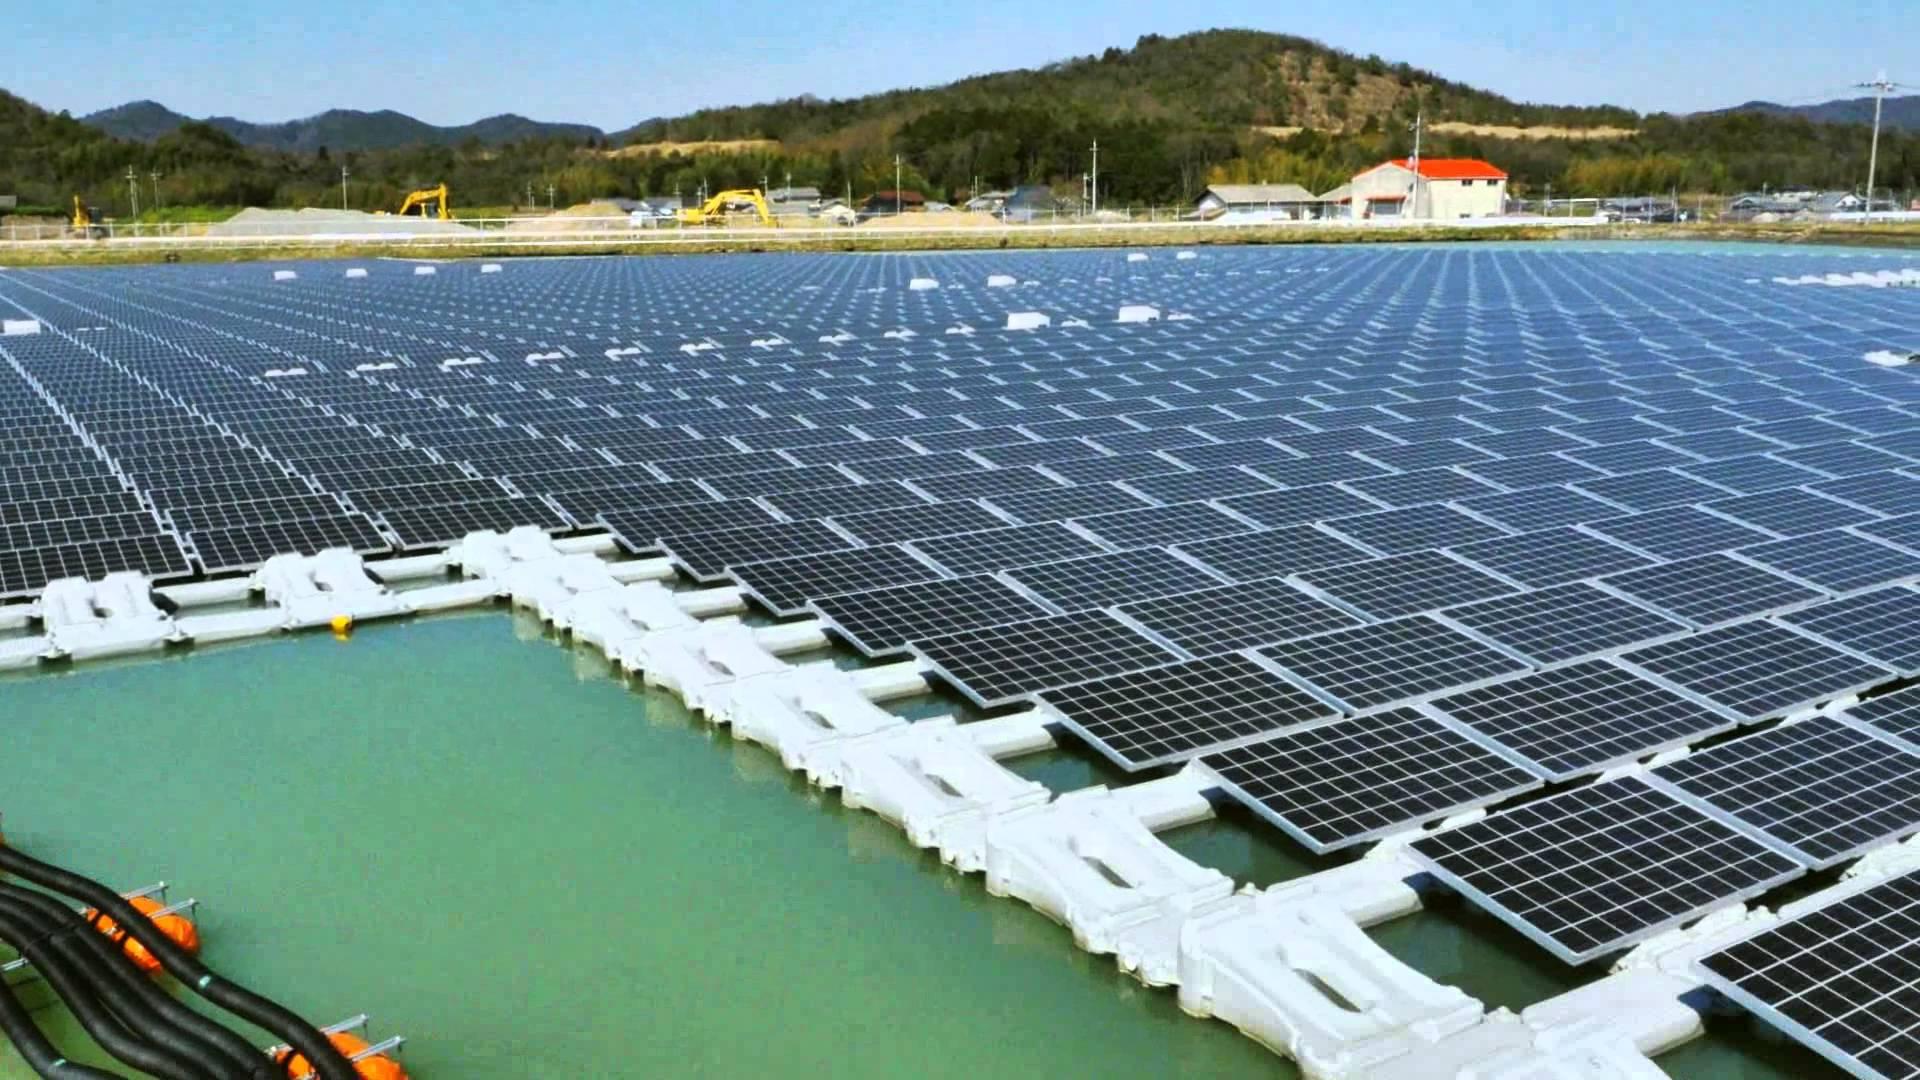 Photo of L'impianto solare galleggiante più grande del mondo in Giappone